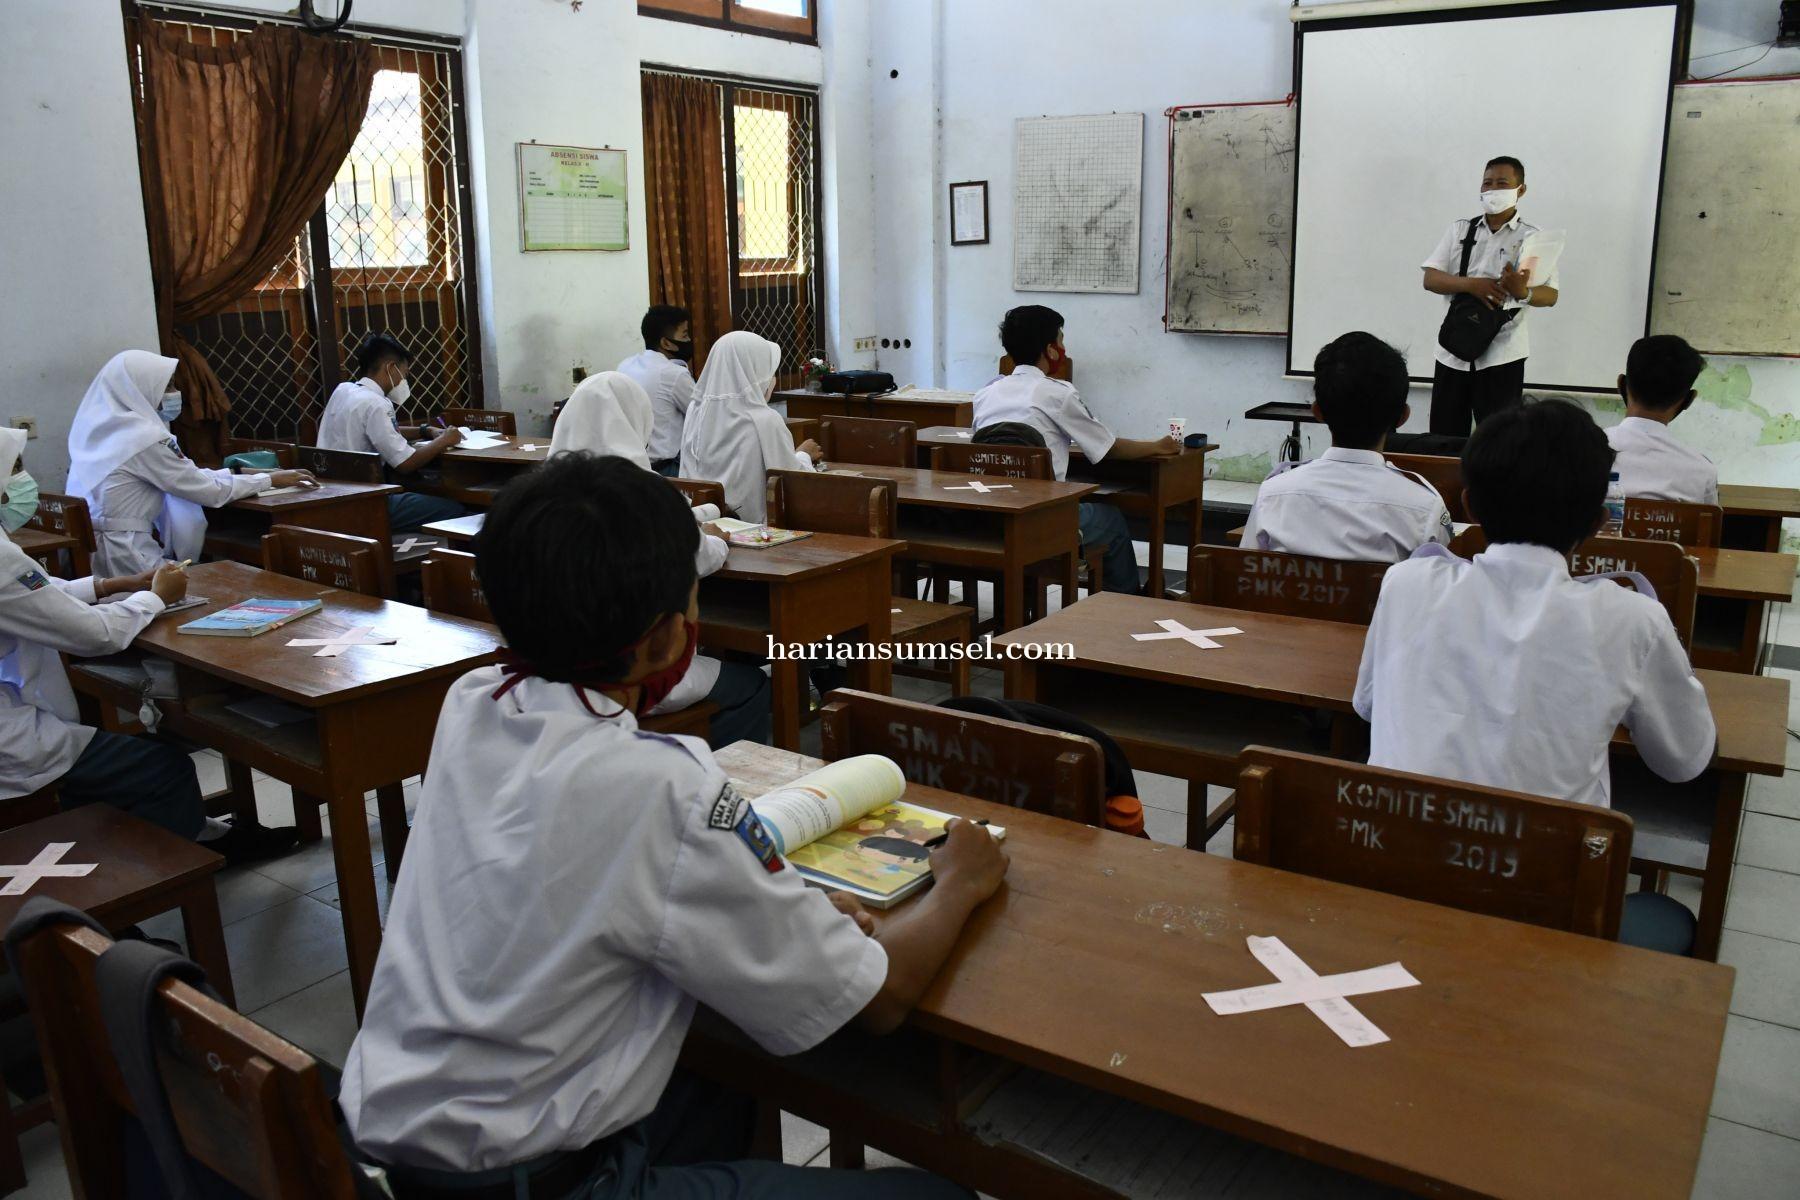 Pemkot Targetkan Sekolah Tatap Muka di Palembang Dimulai Juli Nanti